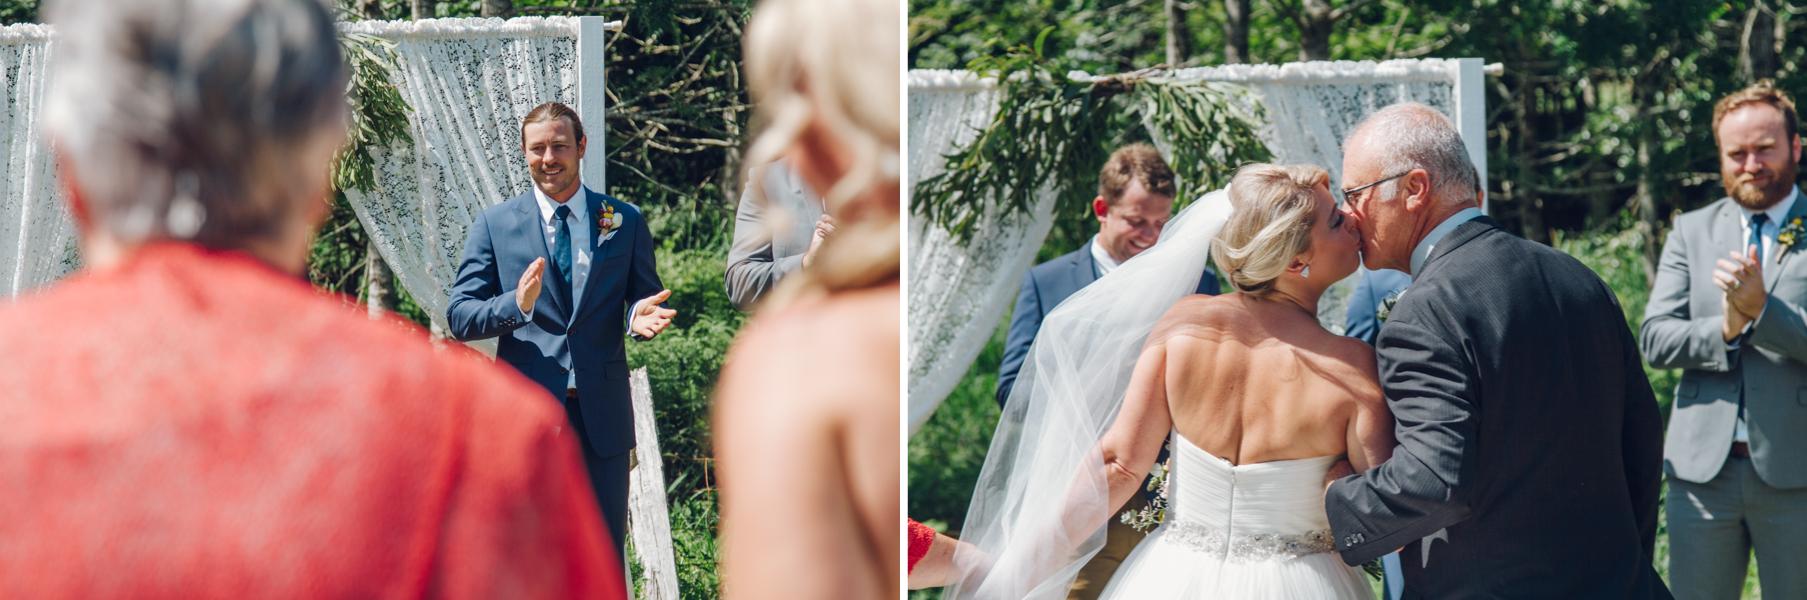 Erin & Craig Byron Bay Wedding Photography 14.jpg